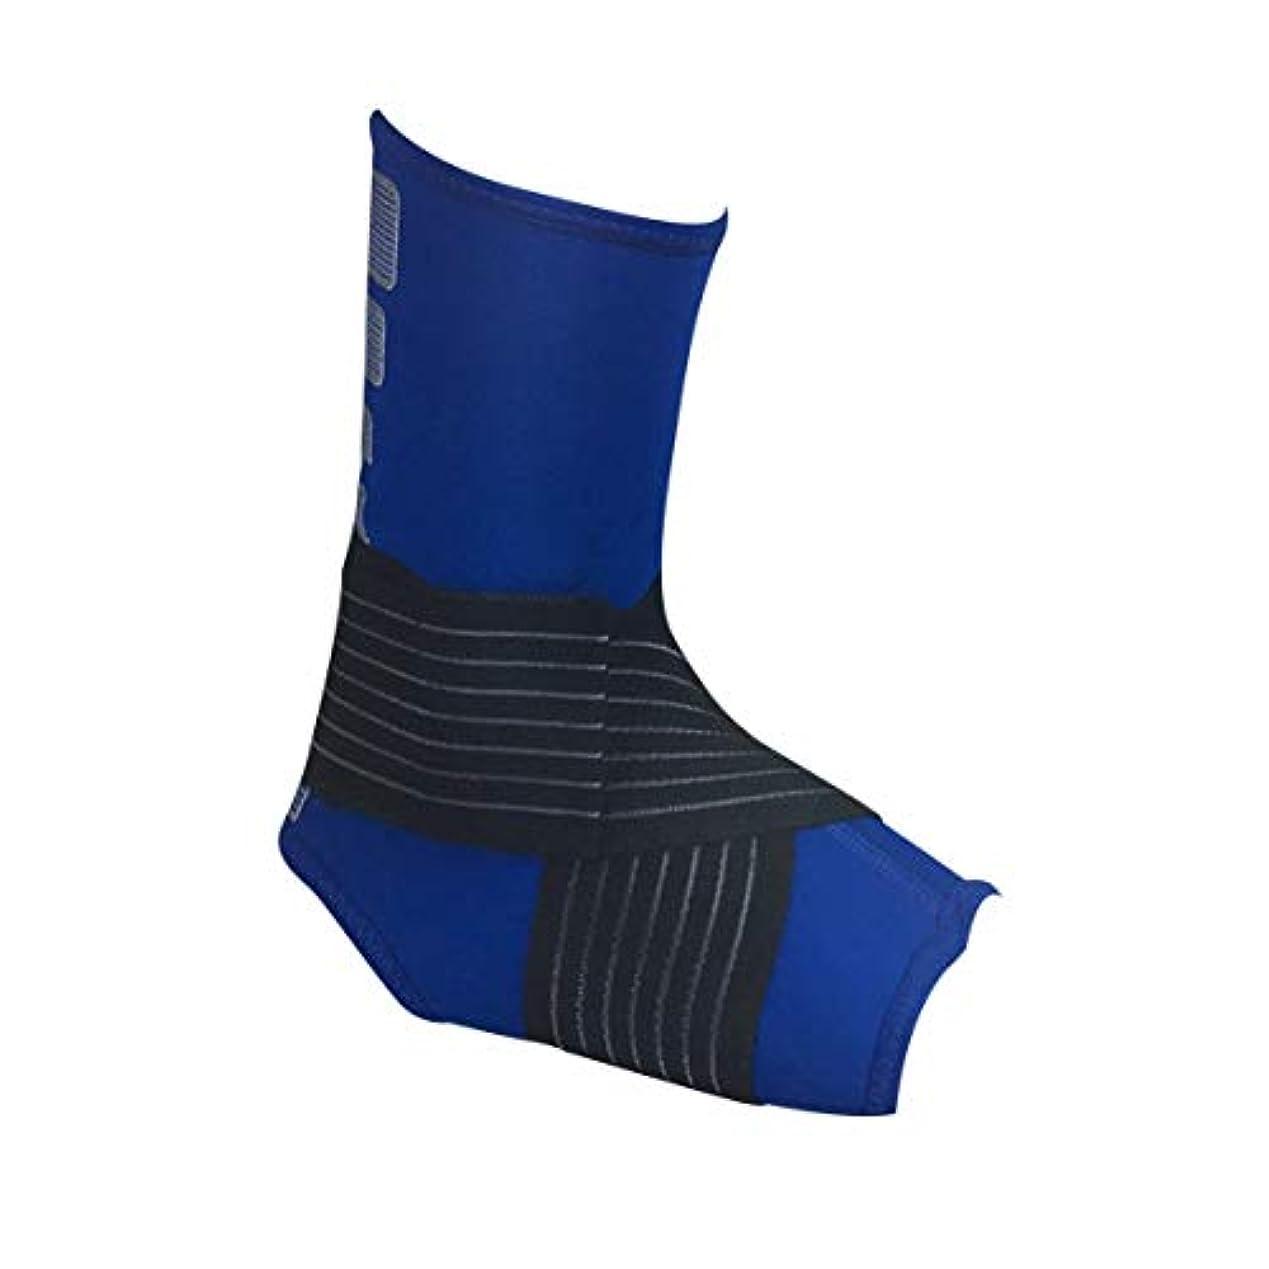 パドル申し立てる割り込み足首フットパッド包帯ブレースサポート保護足首ガードパッド快適な足首袖ランニングフィットネスサイクリング